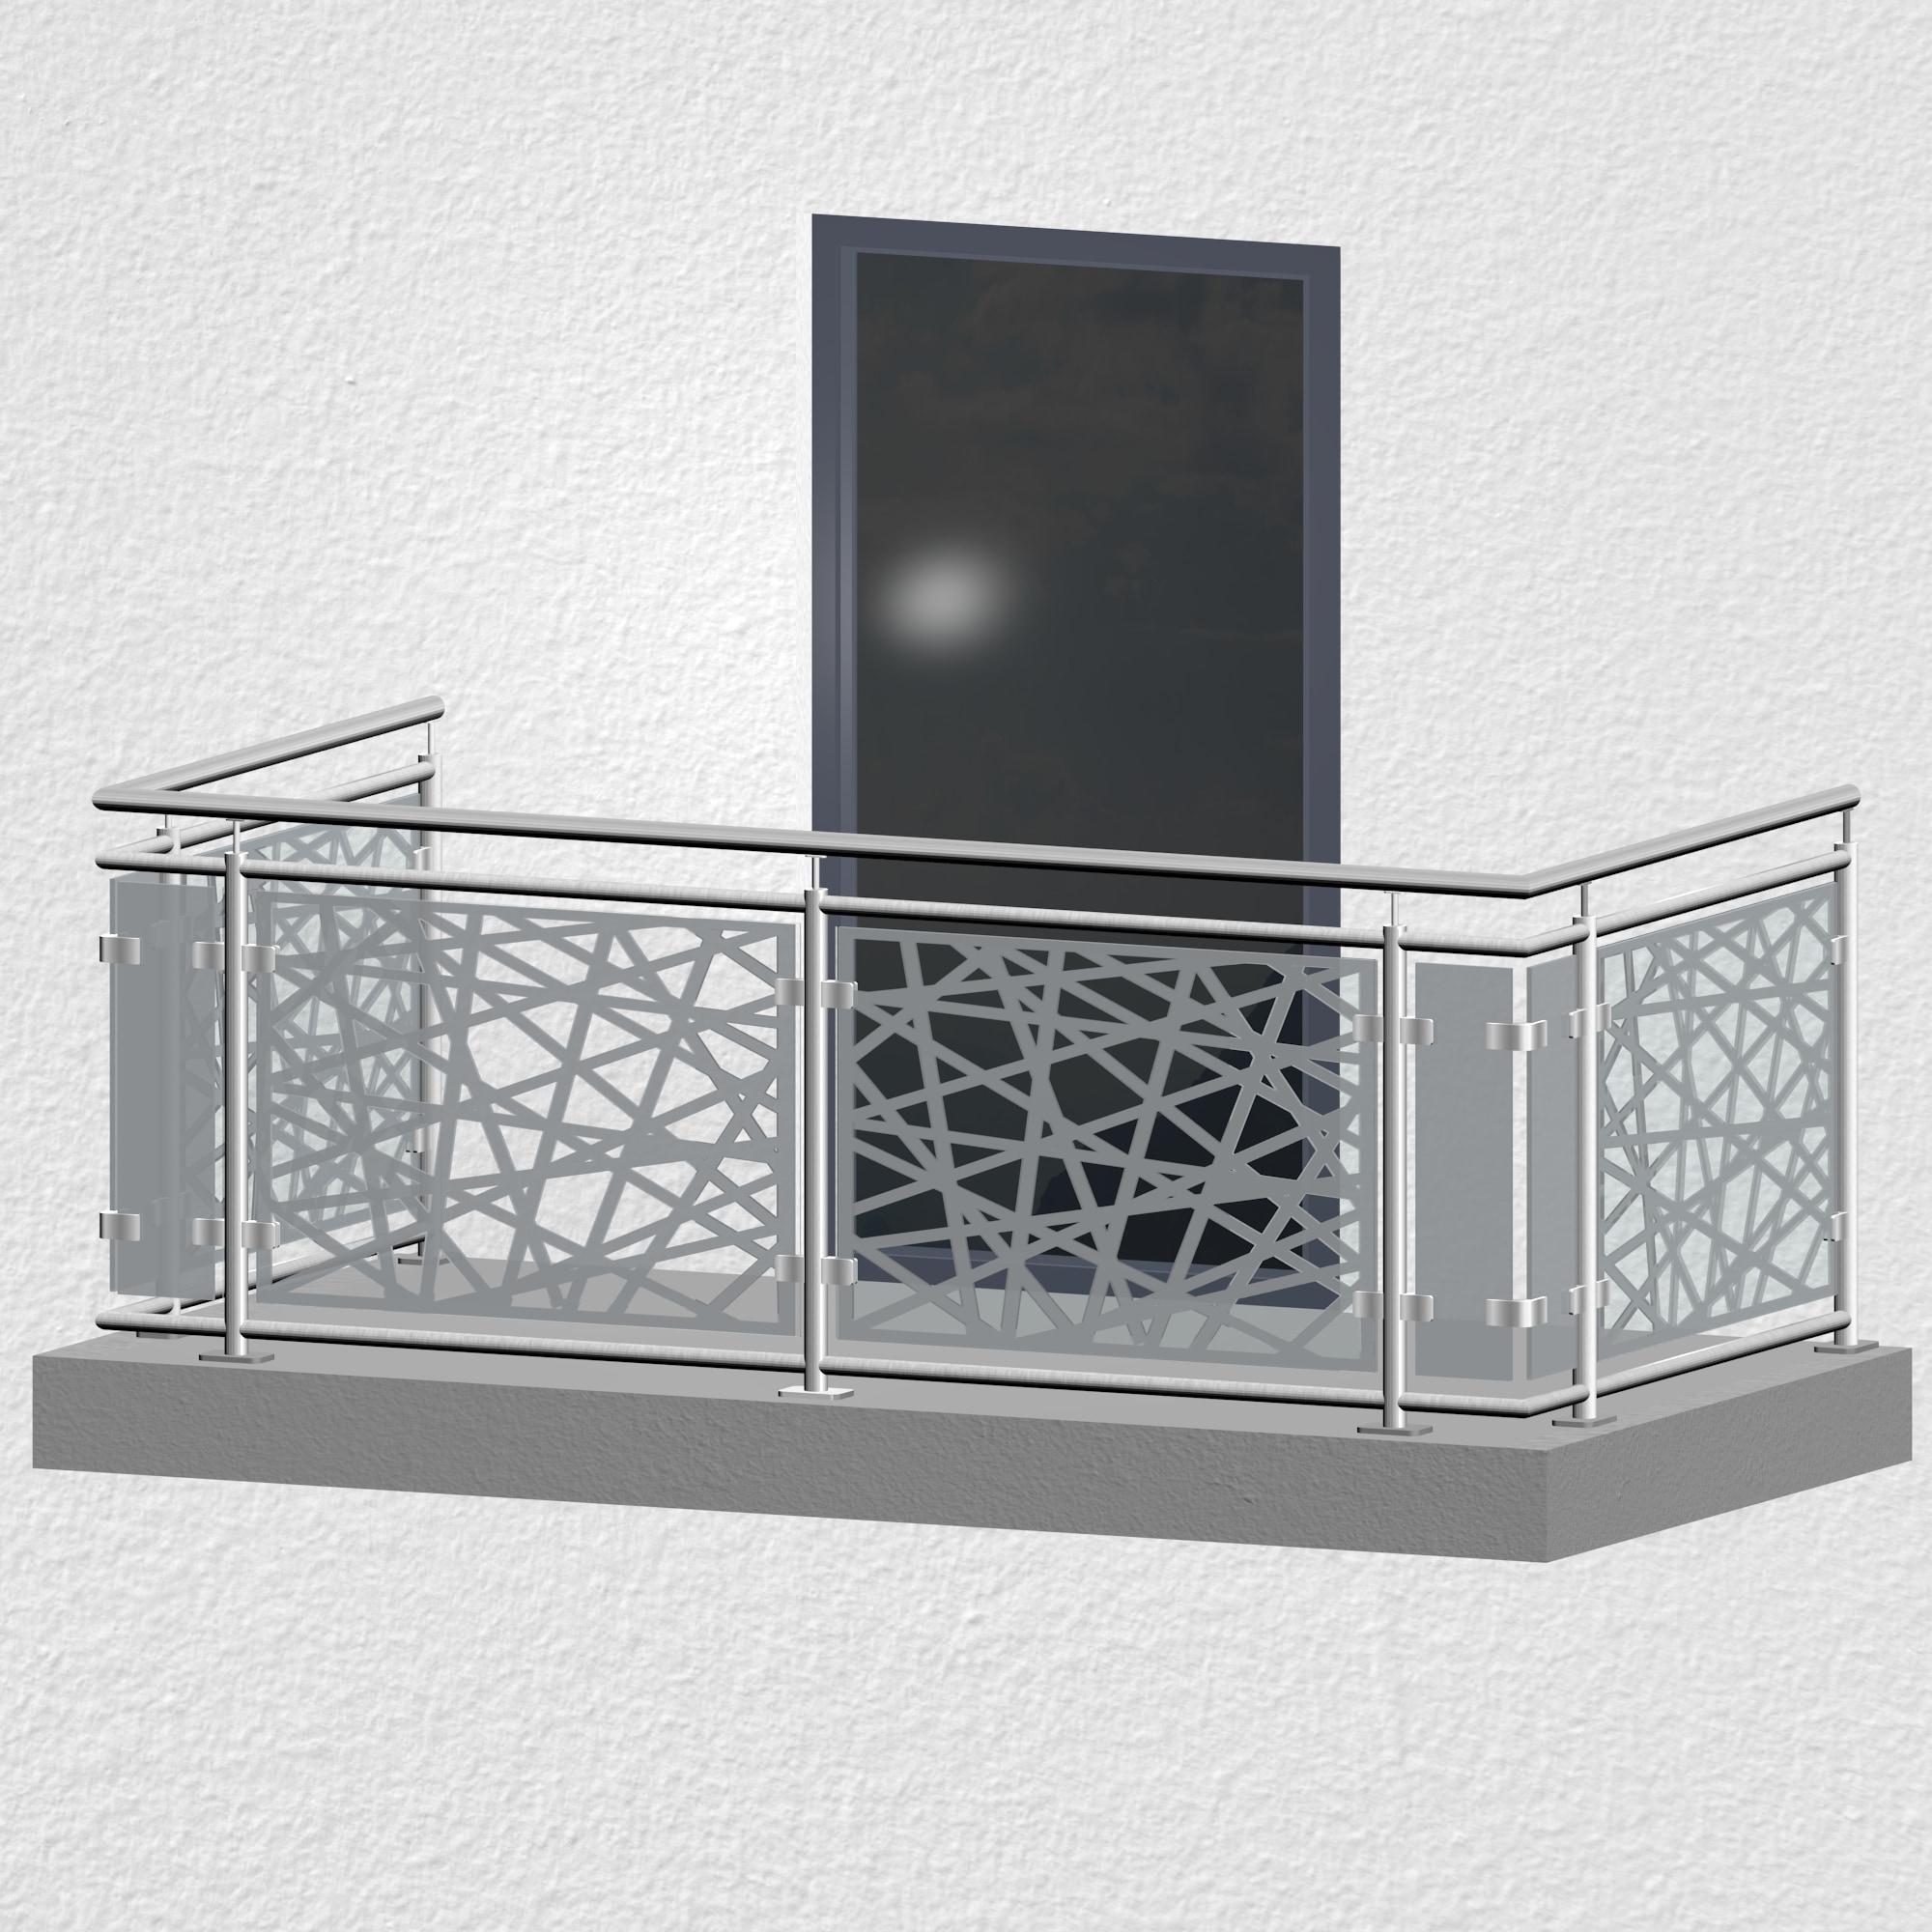 Balkongeländer Edelstahl Designglas AB 1